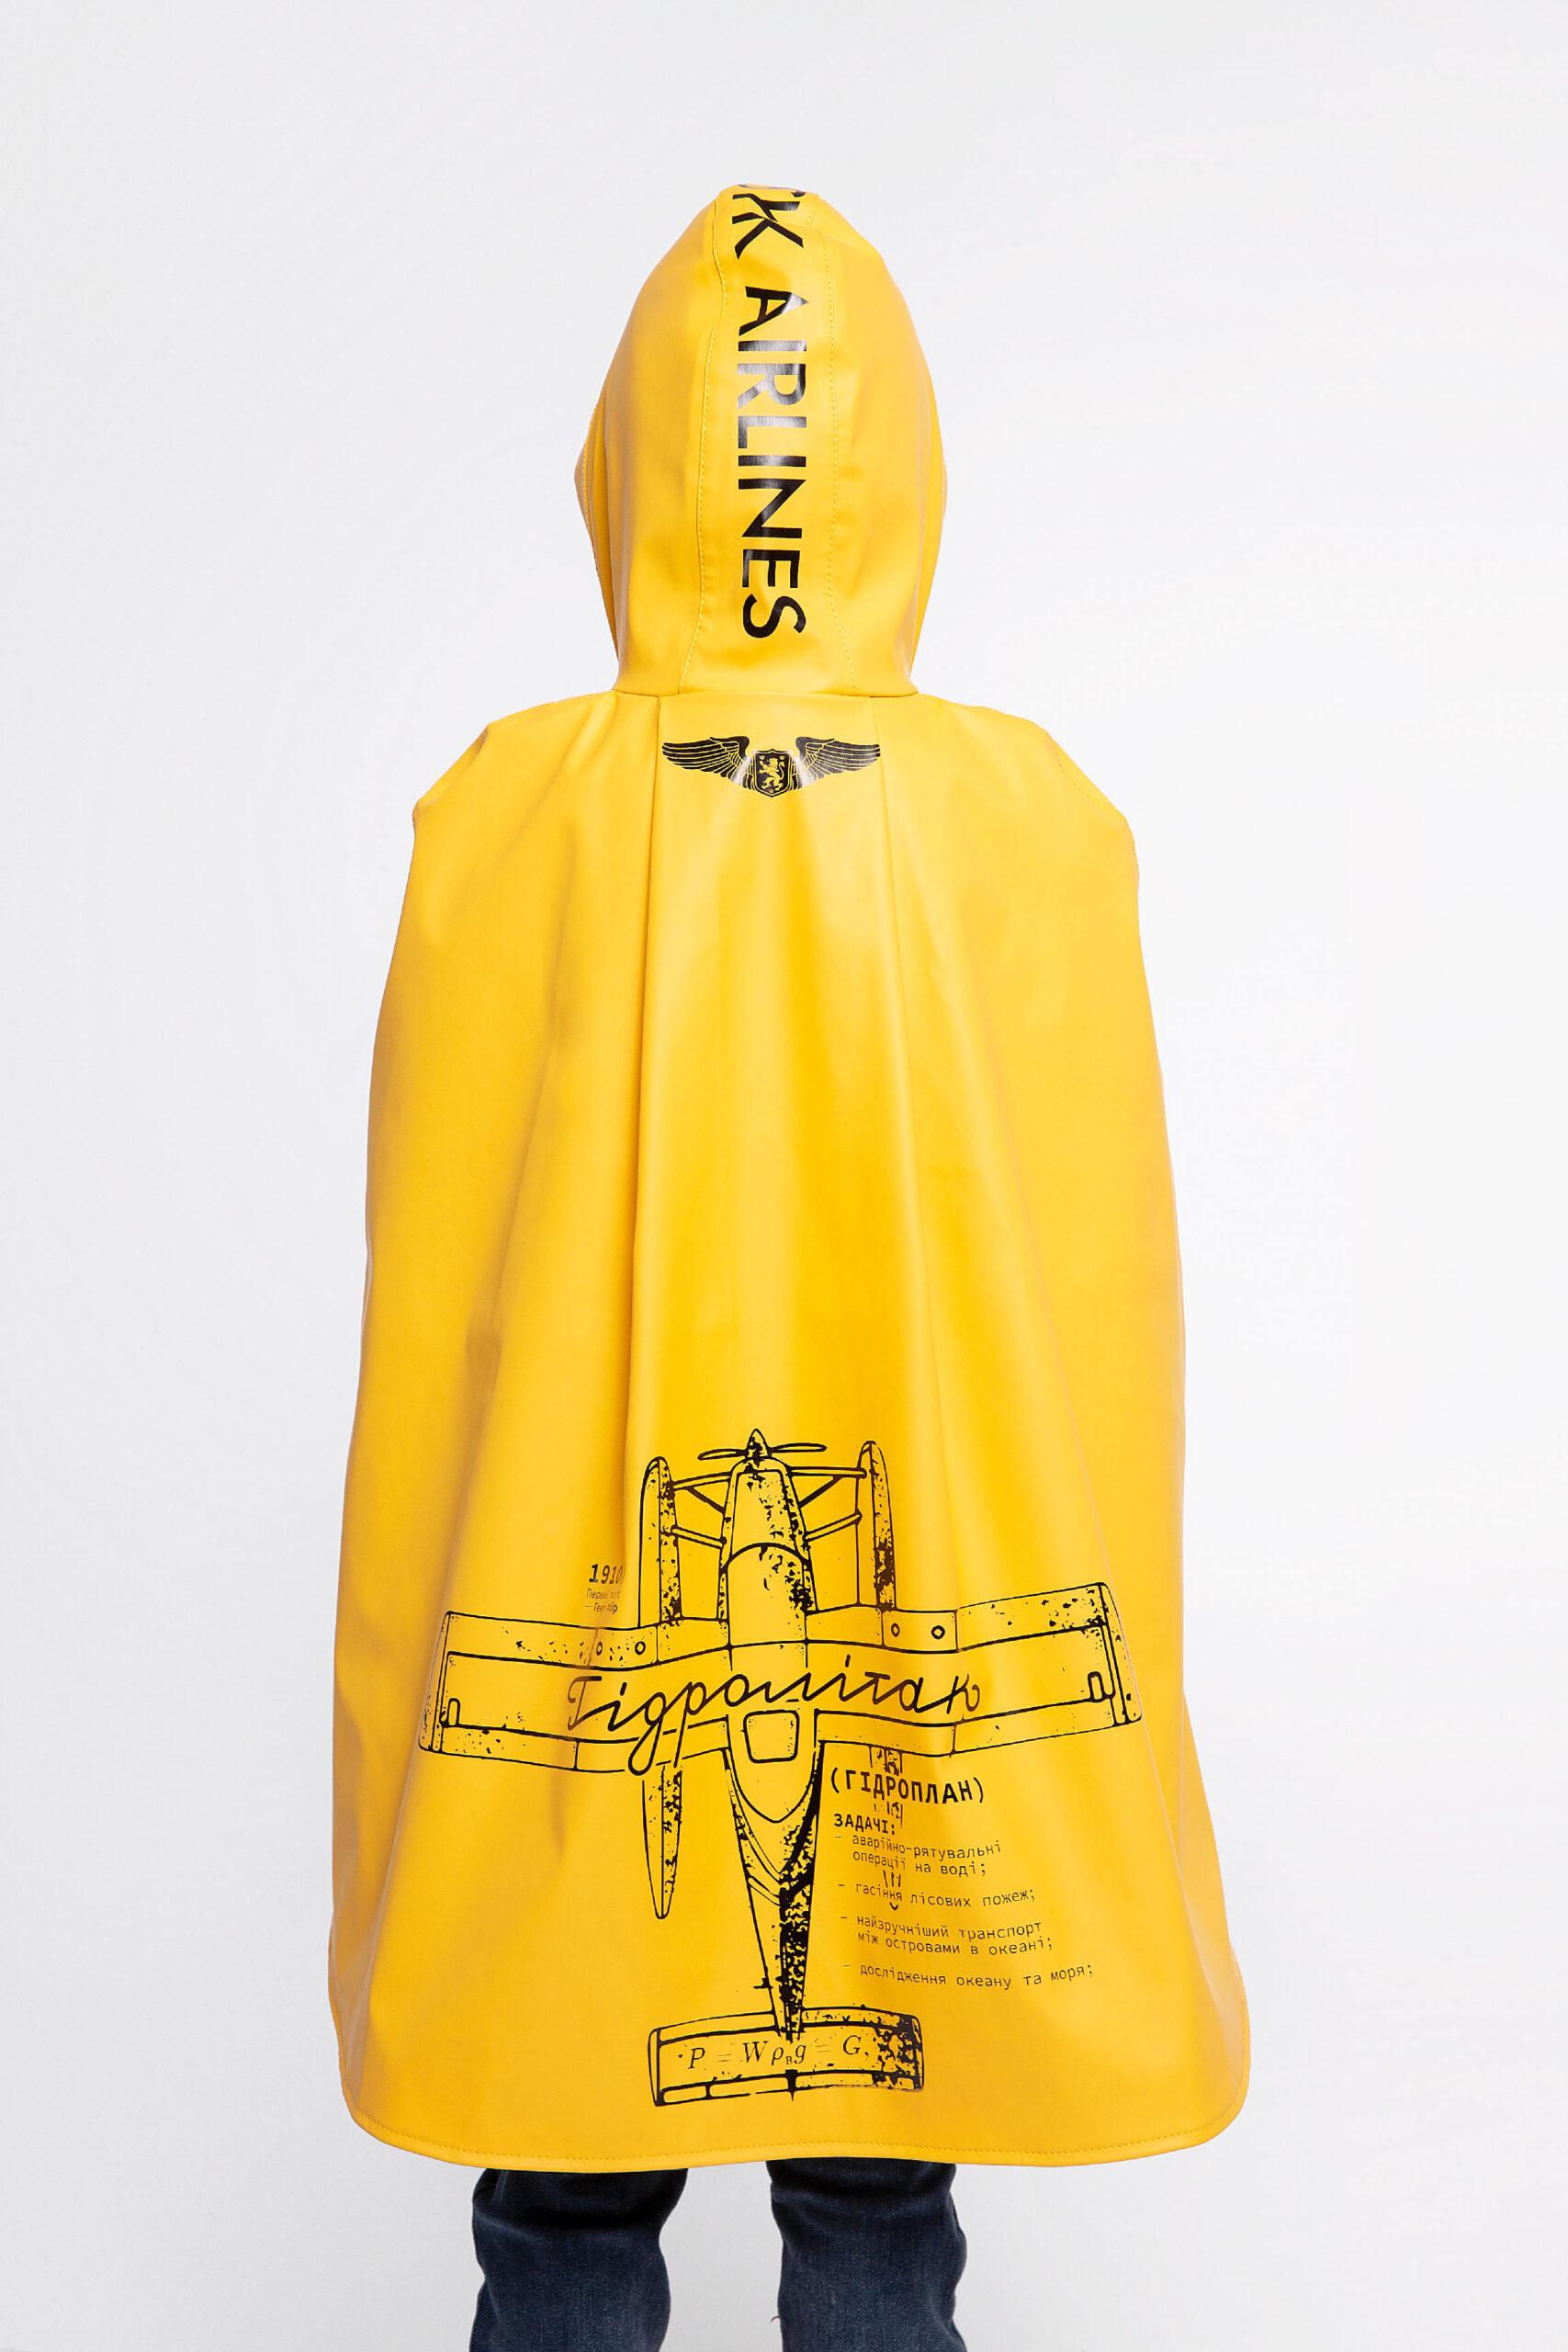 Дитячий Дощовик-Пончо Гідроплан. Колір жовтий. 10.